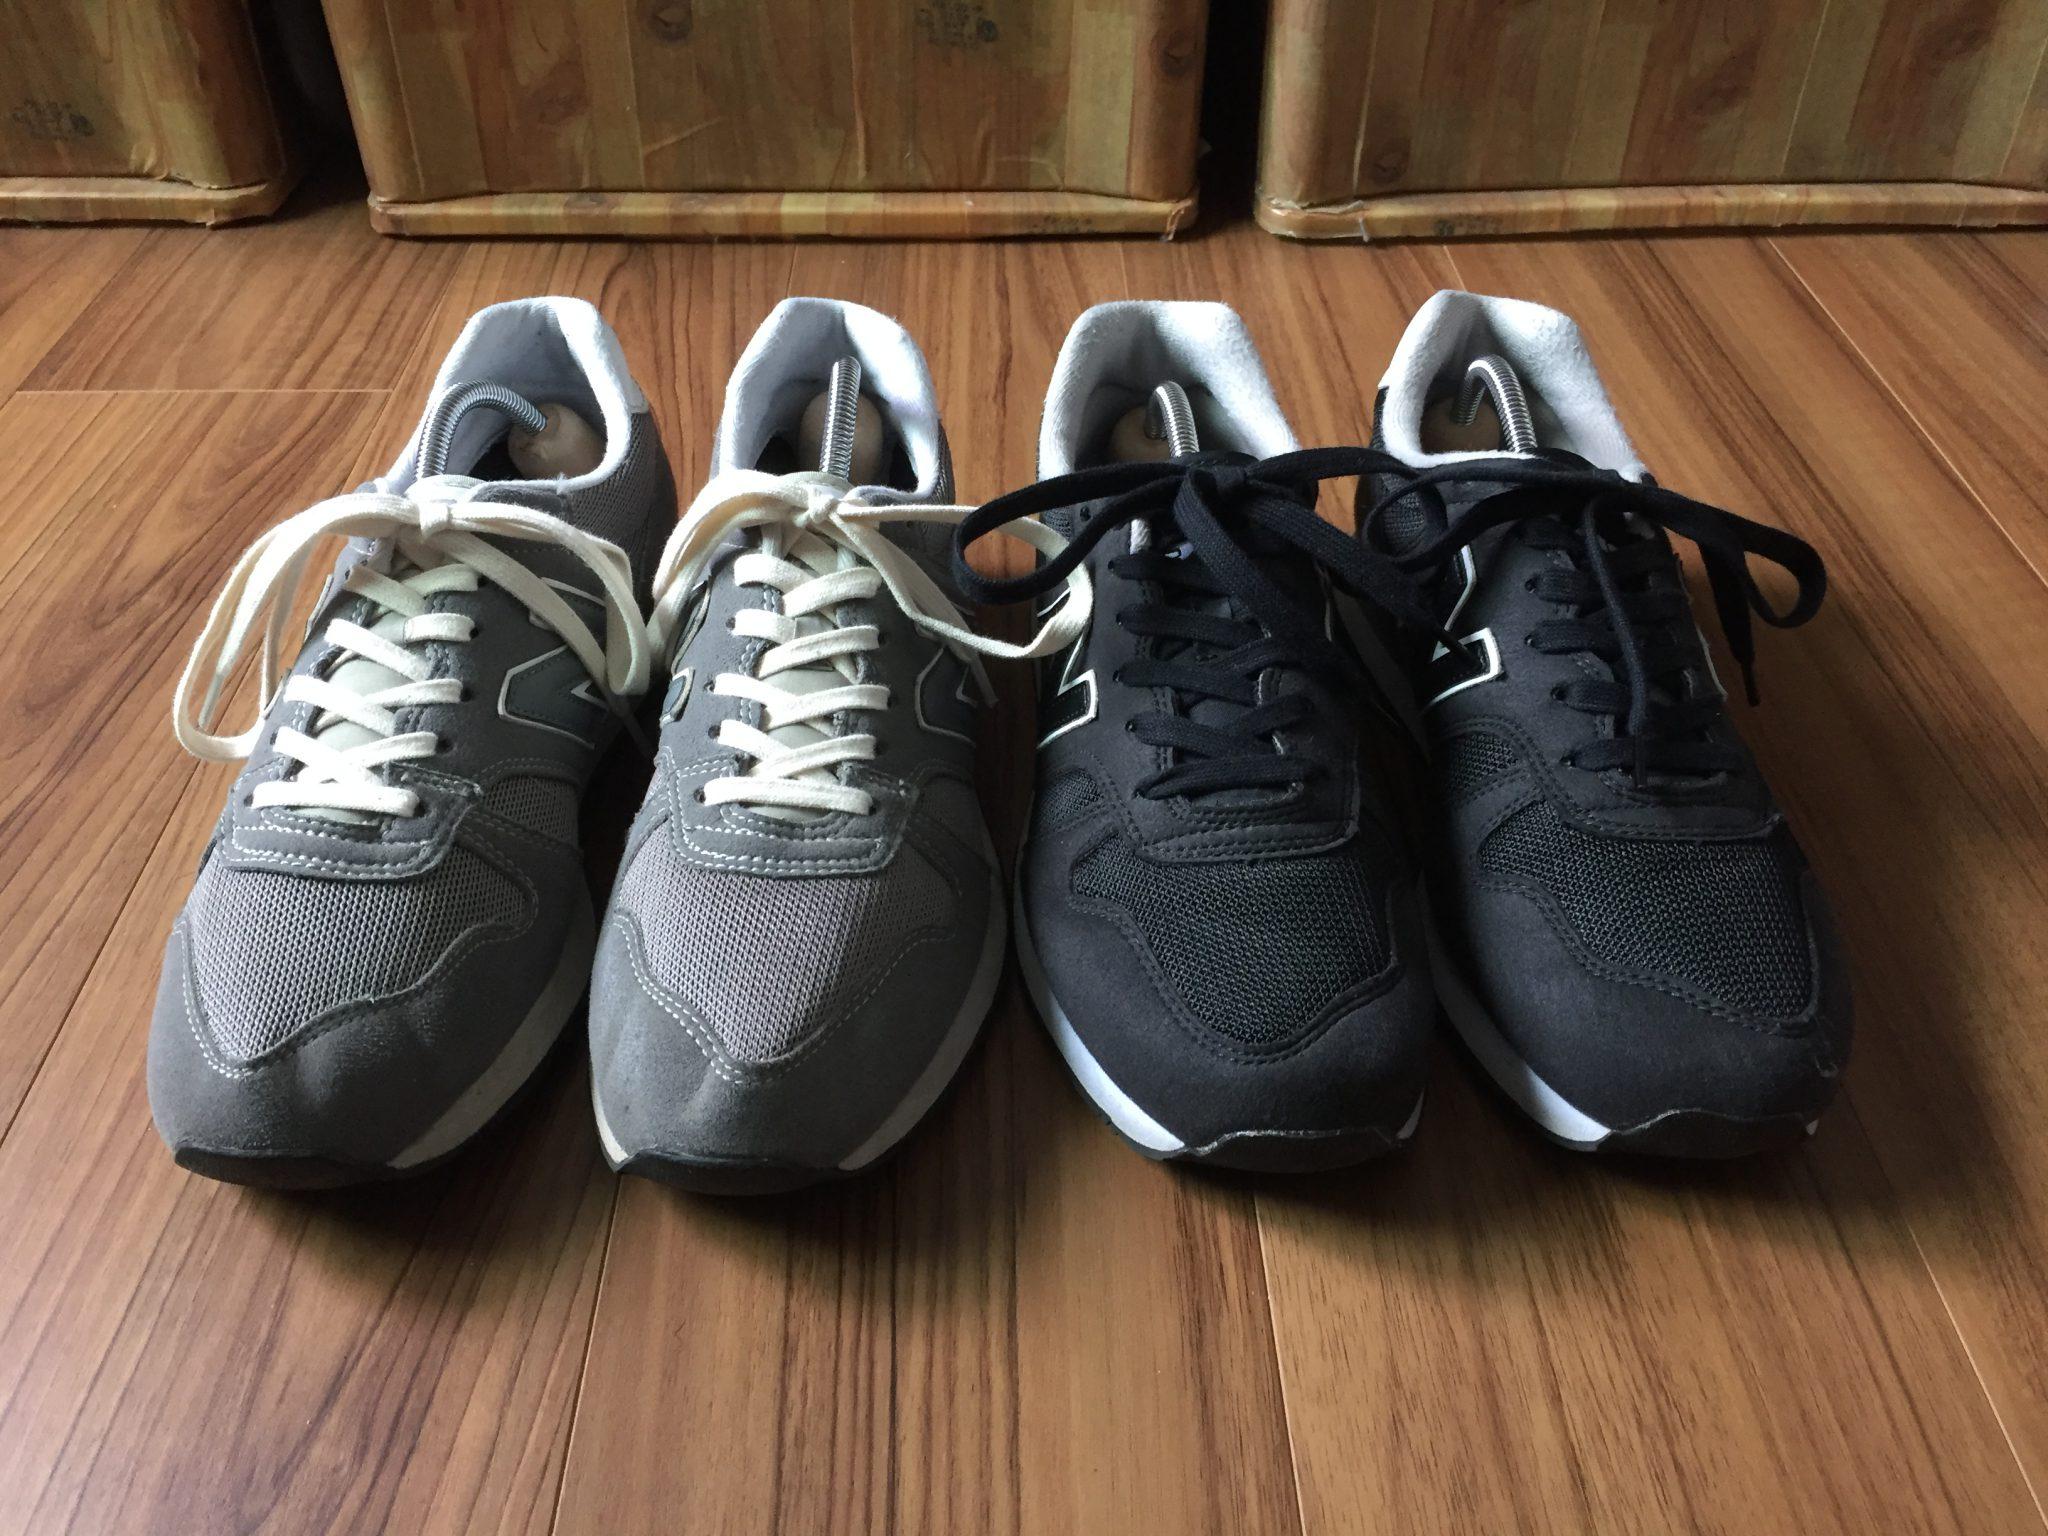 ニューバランスのシューレースを素朴なコットン100%の靴紐に変えました